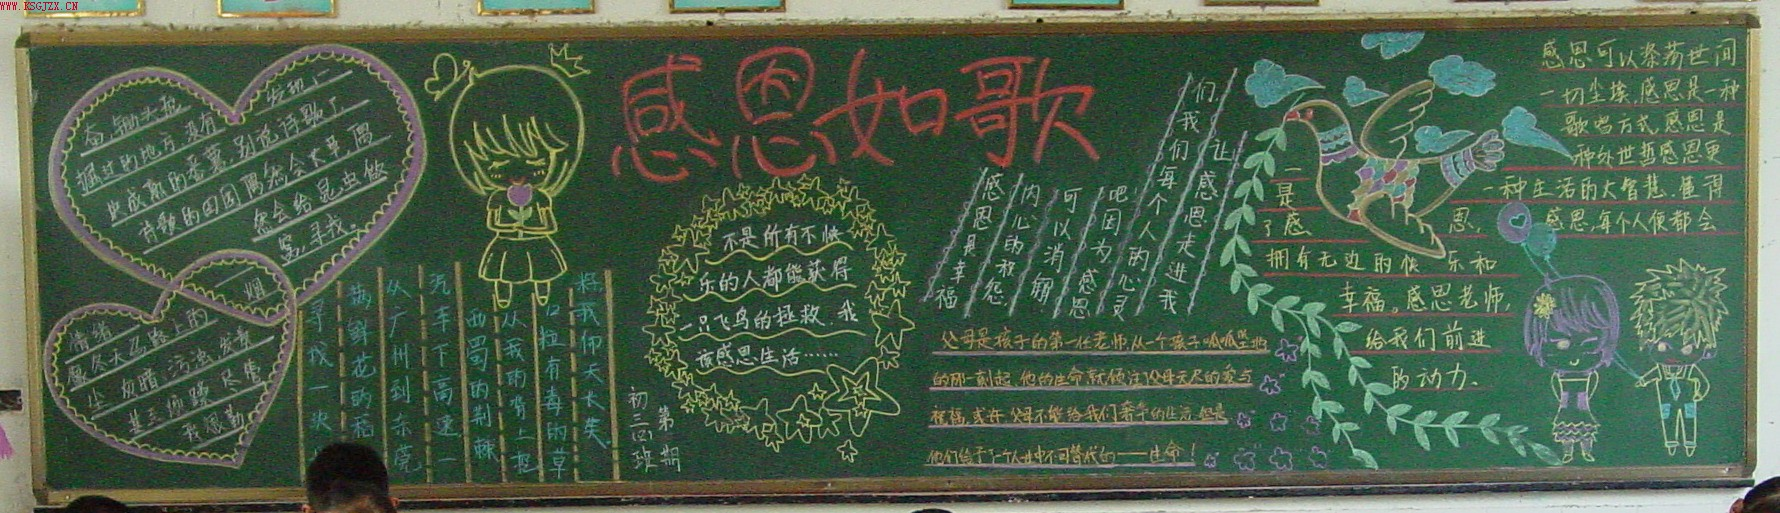 小学生感恩节黑板报:感恩如歌